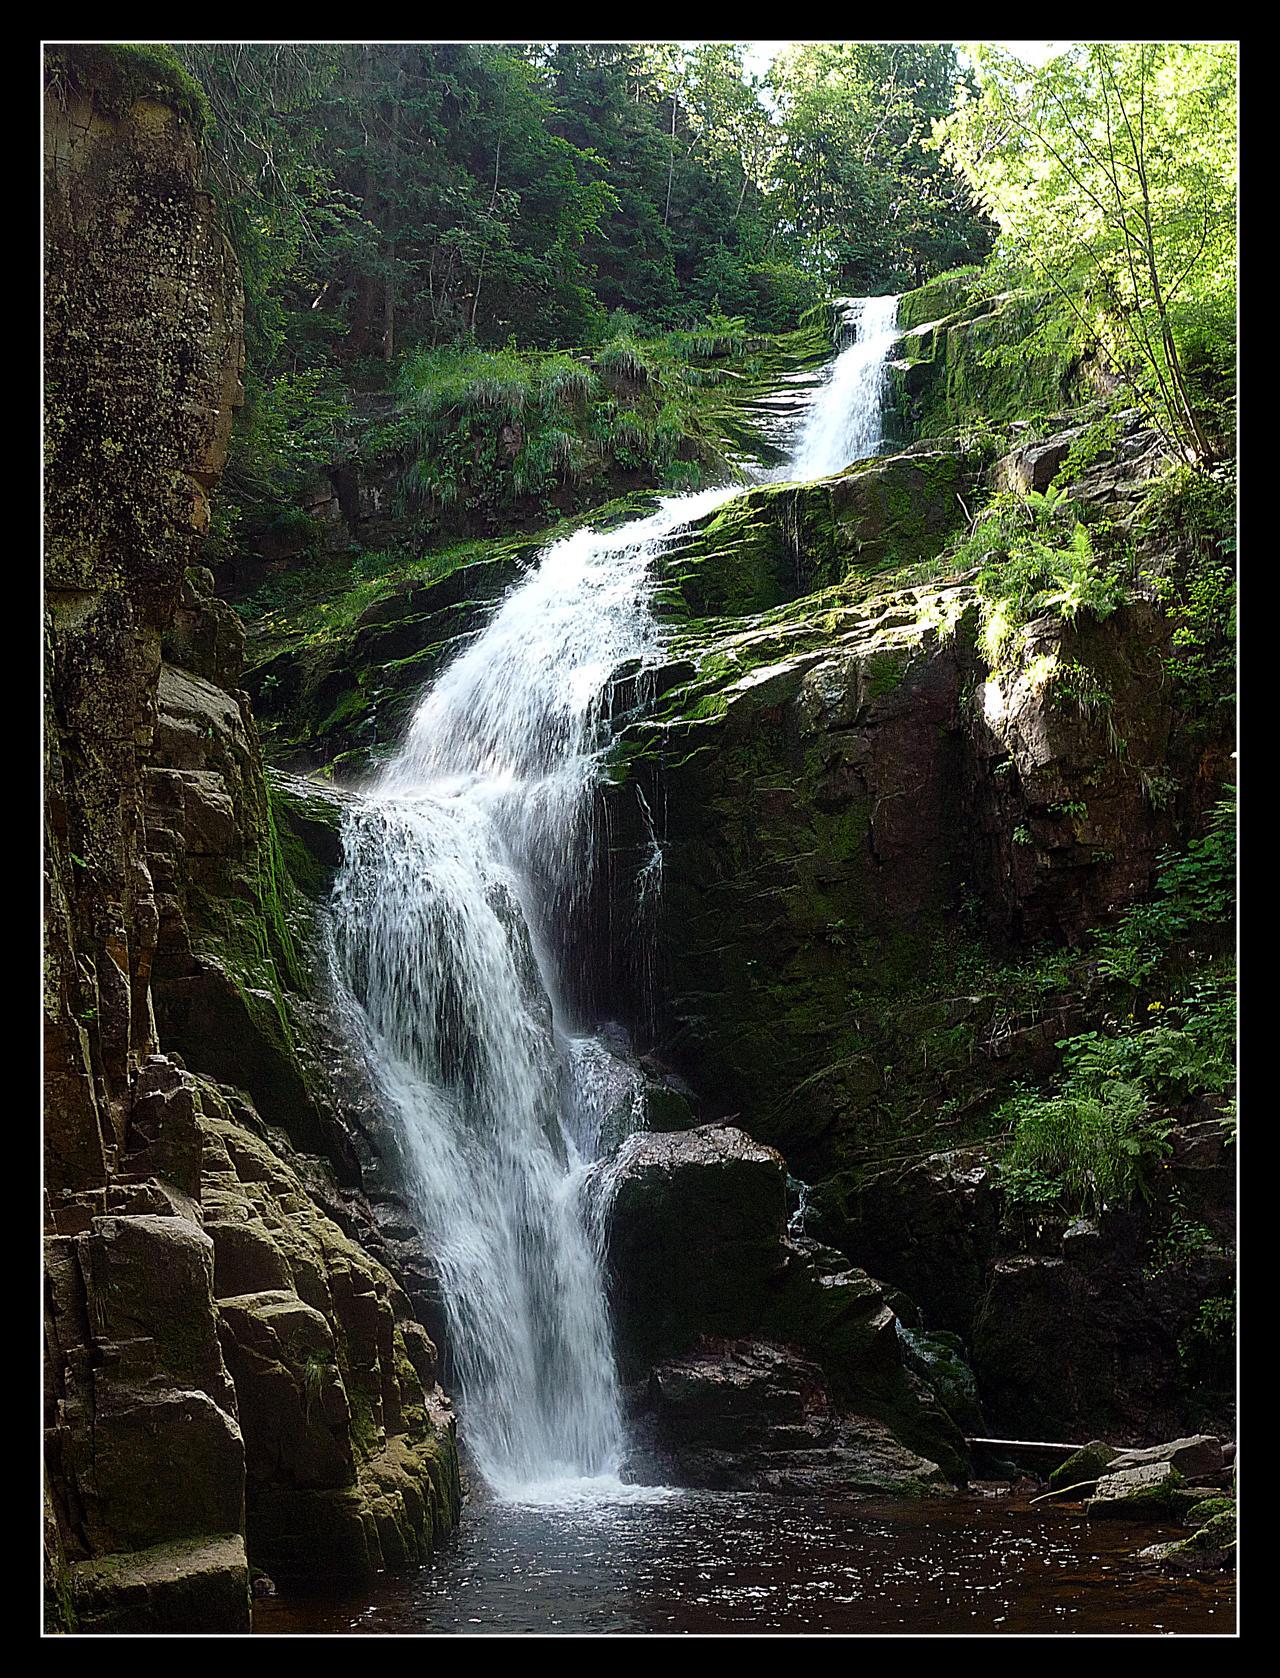 Wodospad Kamienczyka - fixed by krzysiu-jarzyna